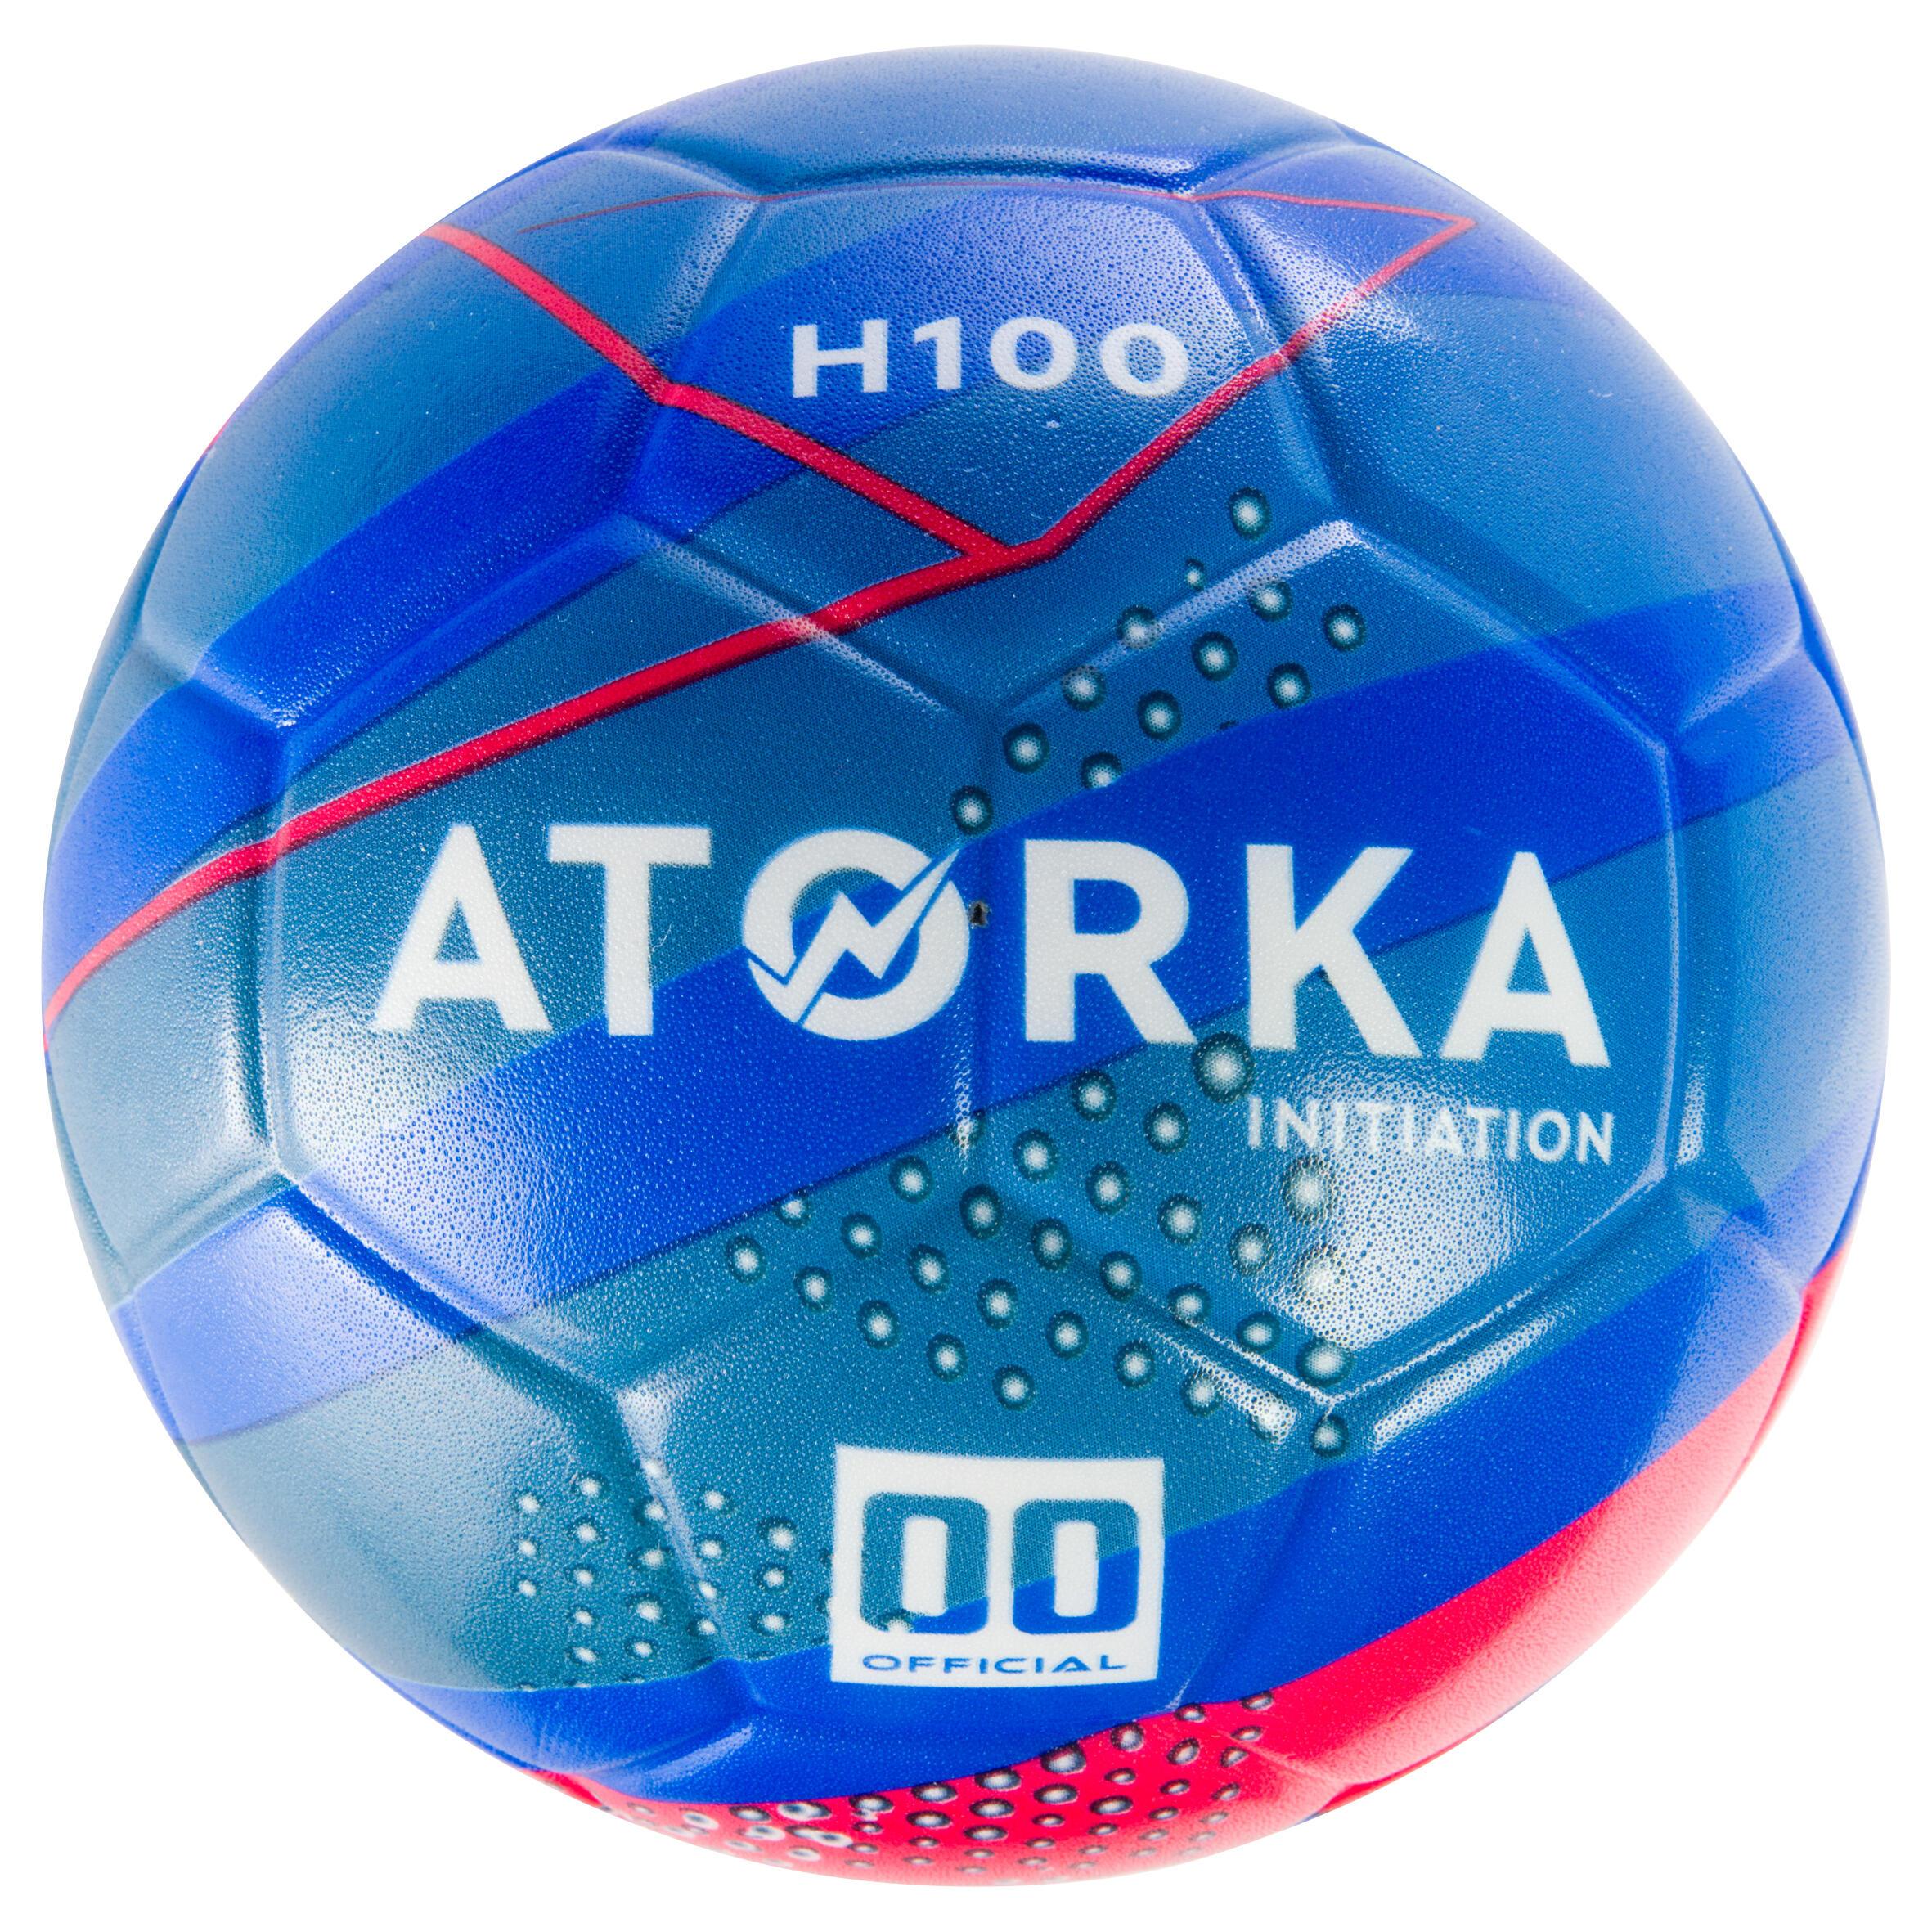 Kinder Handball H100 in Größe 00 für kleine Handballeinsteiger - extra weich für erste Handballerfahrungen.